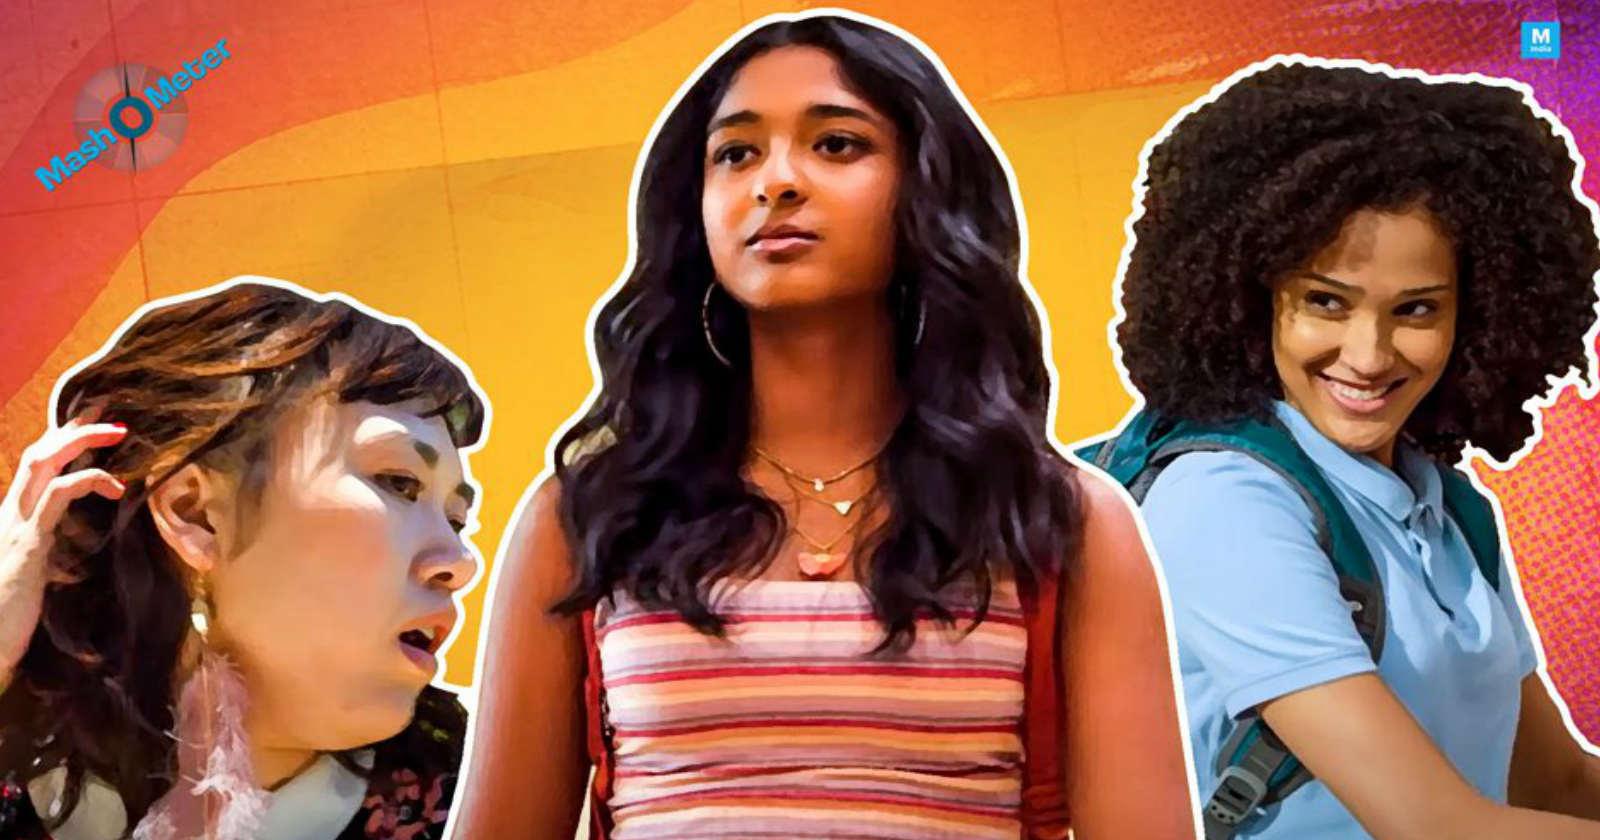 Yo Nunca es la nueva comedia adolescente de Netflix que no podrás dejar de ver